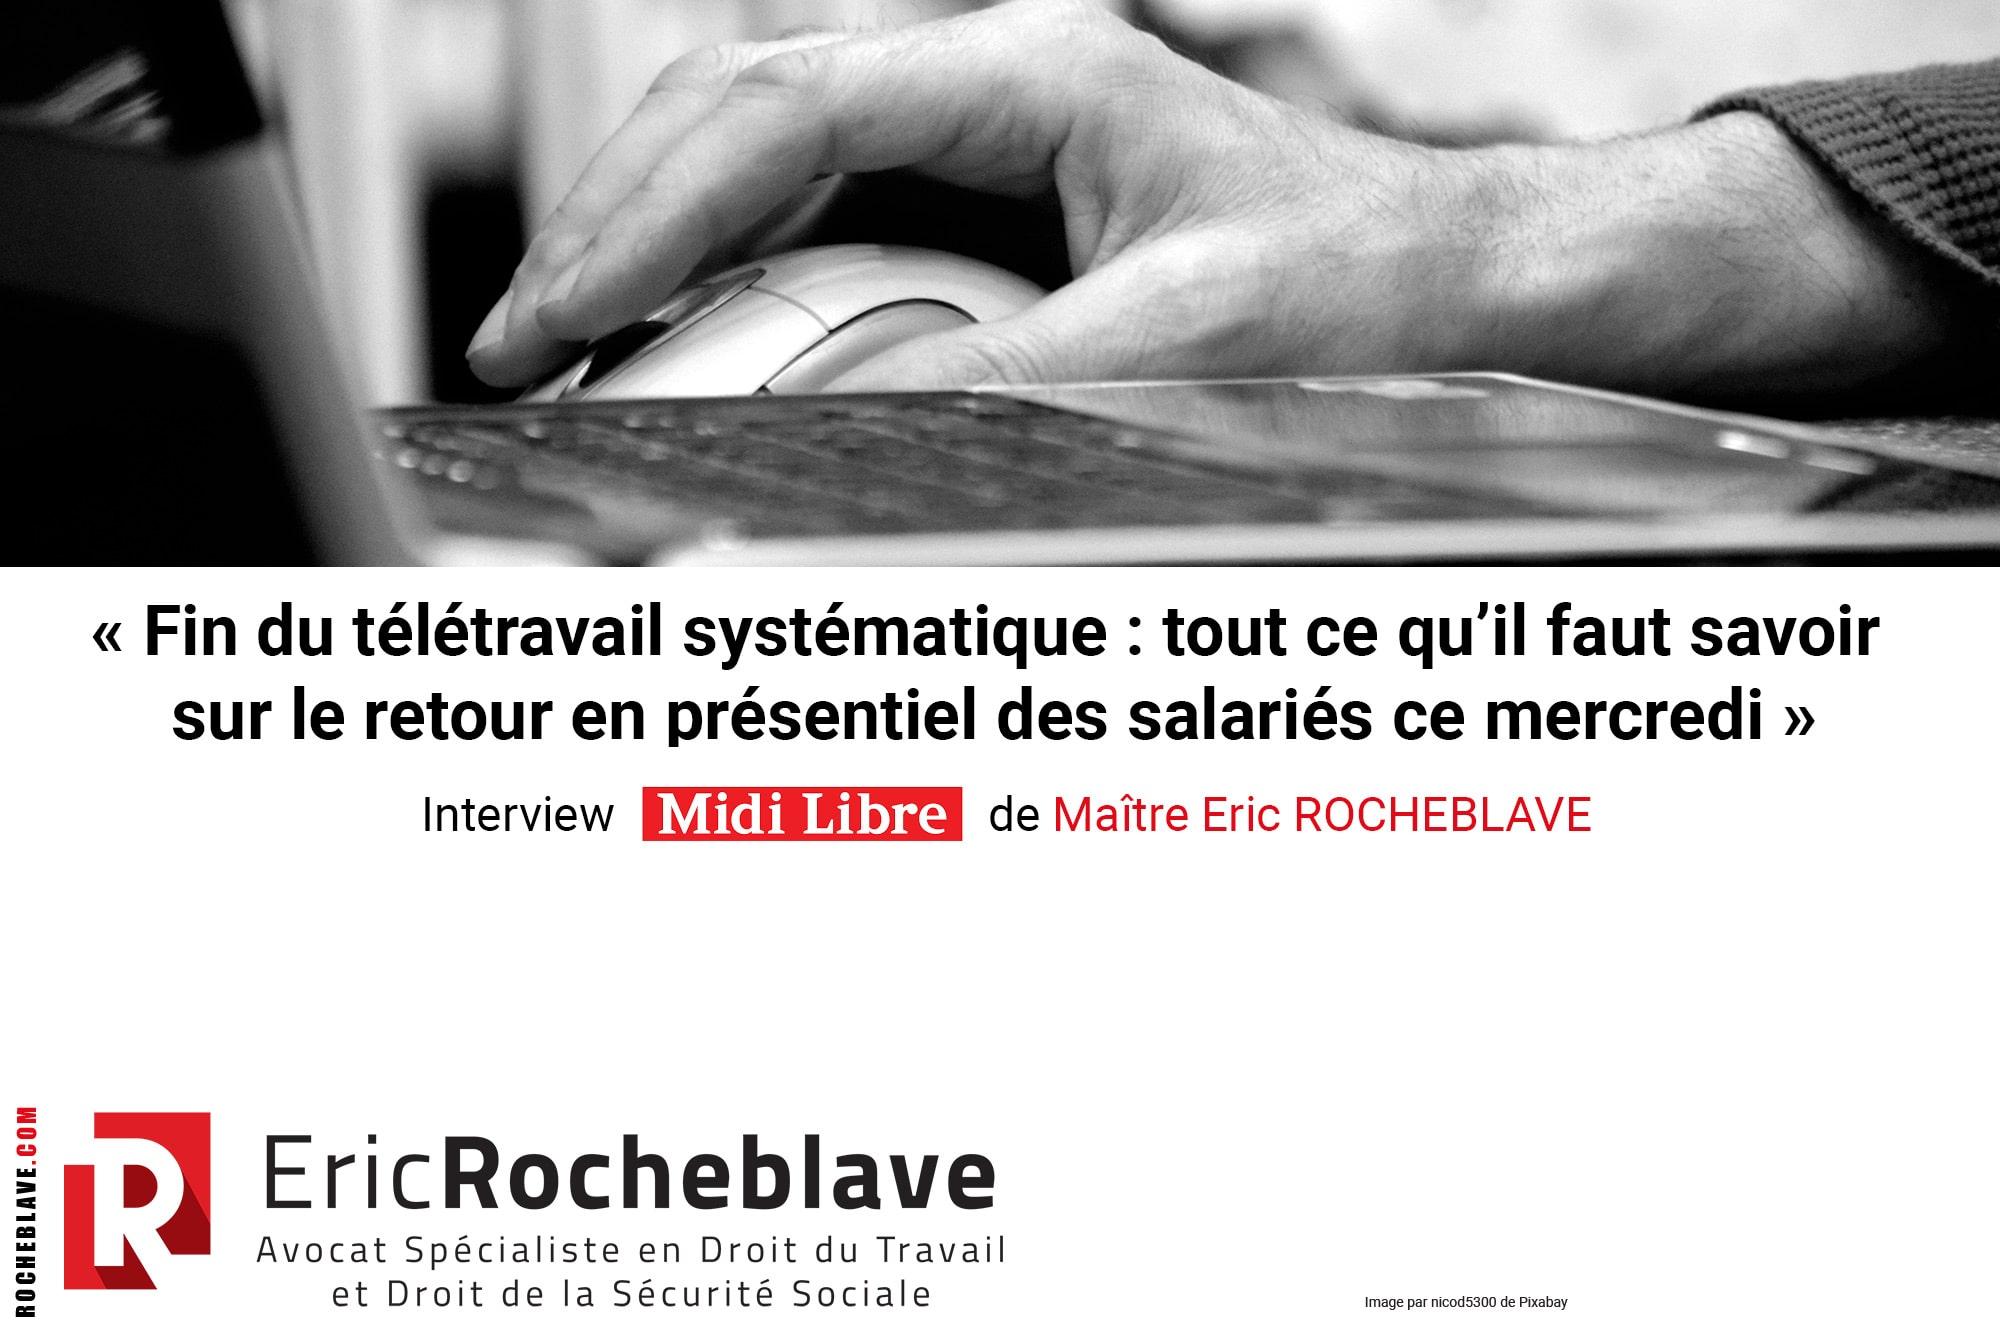 « Fin du télétravail systématique : tout ce qu'il faut savoir sur le retour en présentiel des salariés ce mercredi » Interview de Maître Eric ROCHEBLAVE